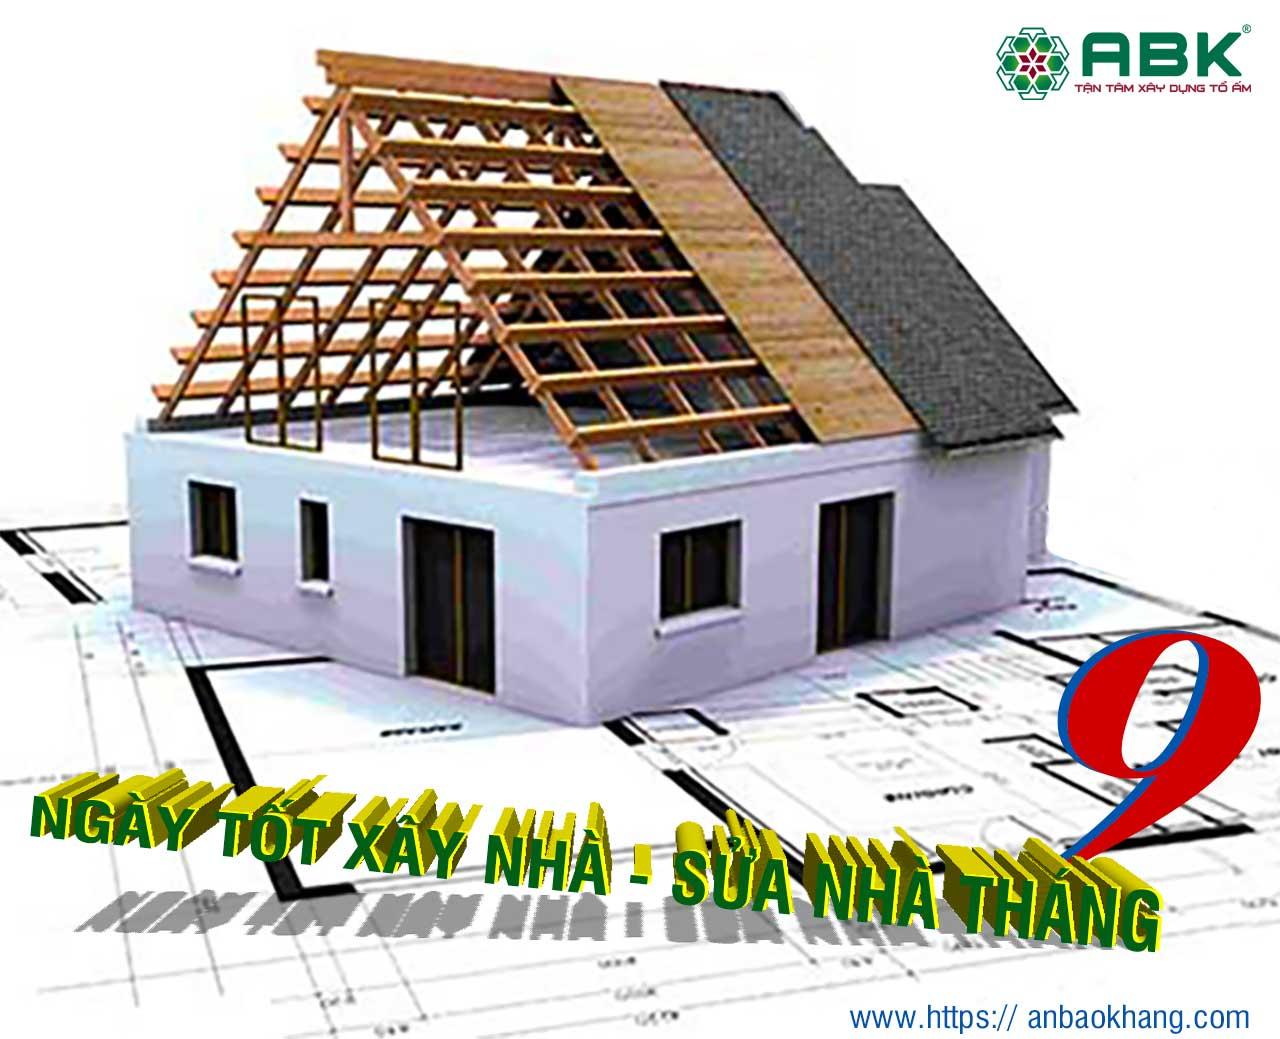 Ngày tốt xây nhà sửa nhà tháng 9